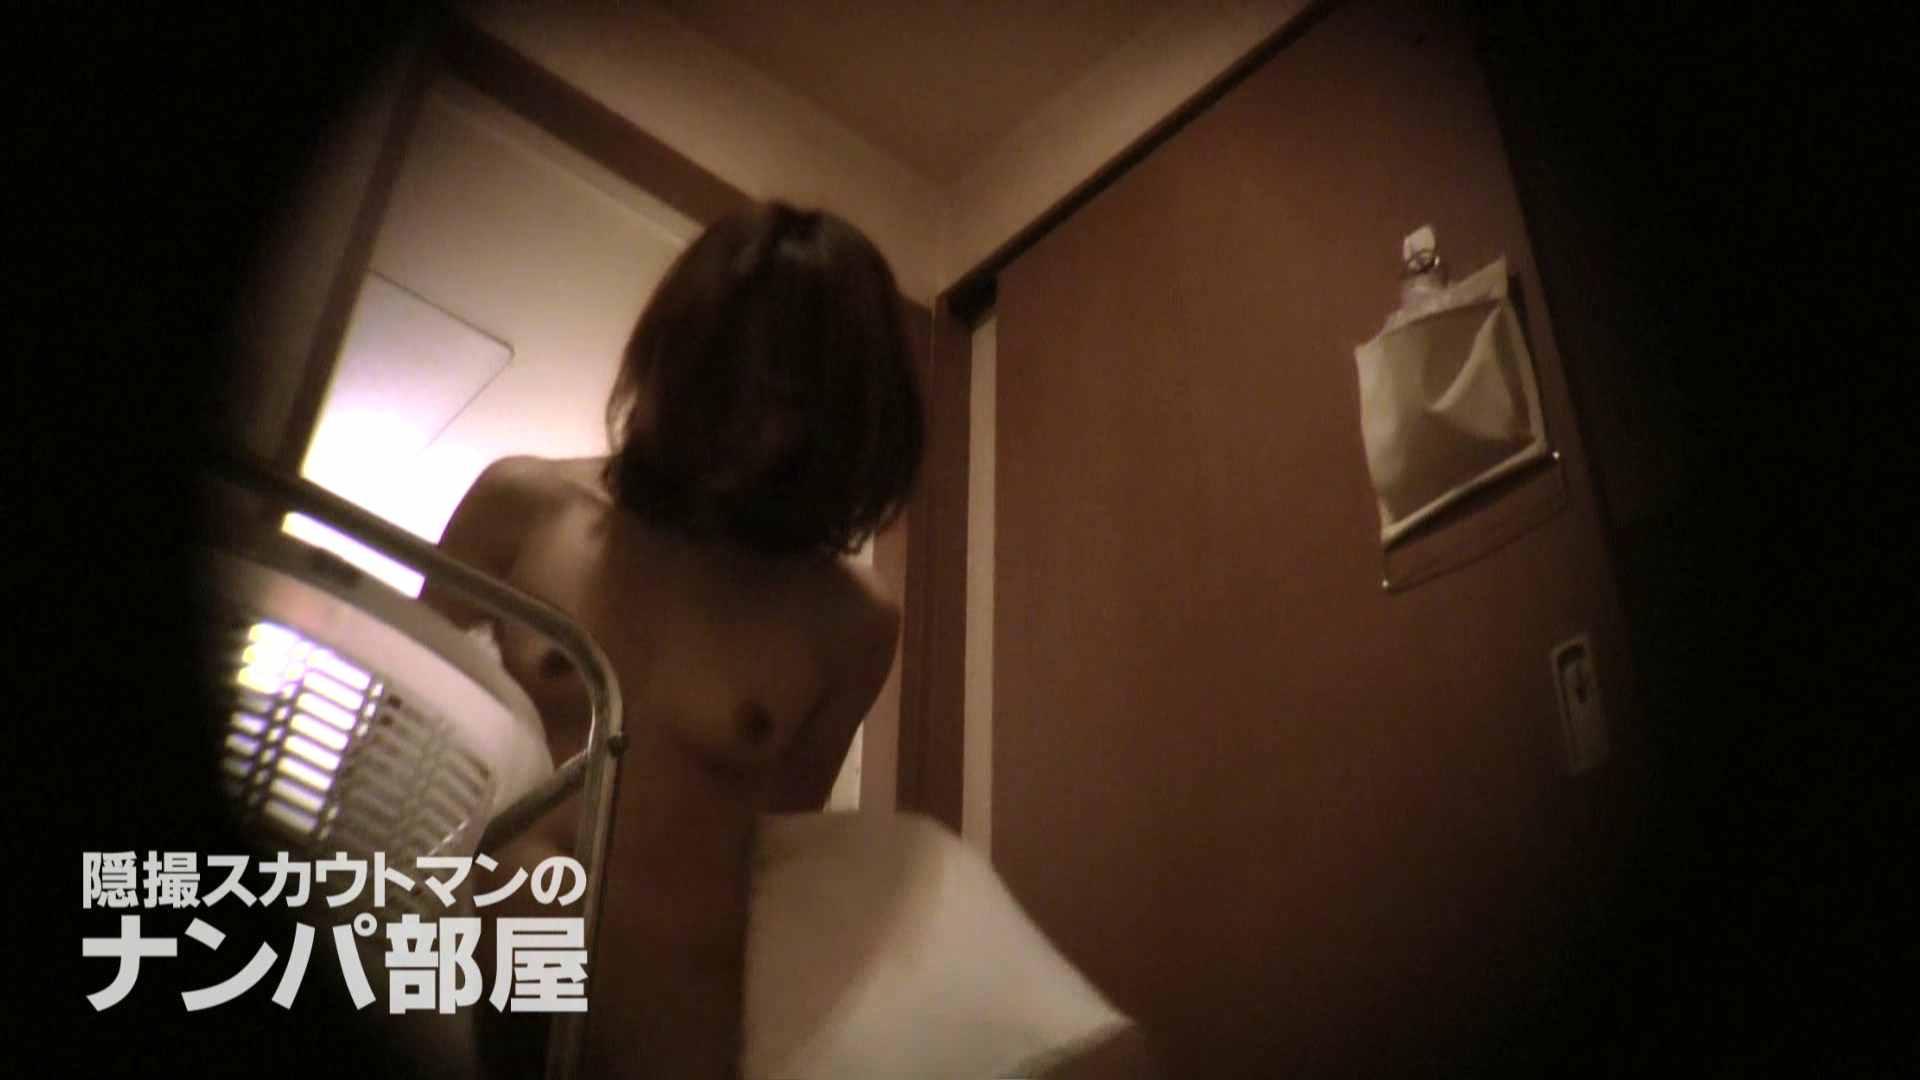 隠撮スカウトマンのナンパ部屋~風俗デビュー前のつまみ食い~ sii 隠撮  84連発 39